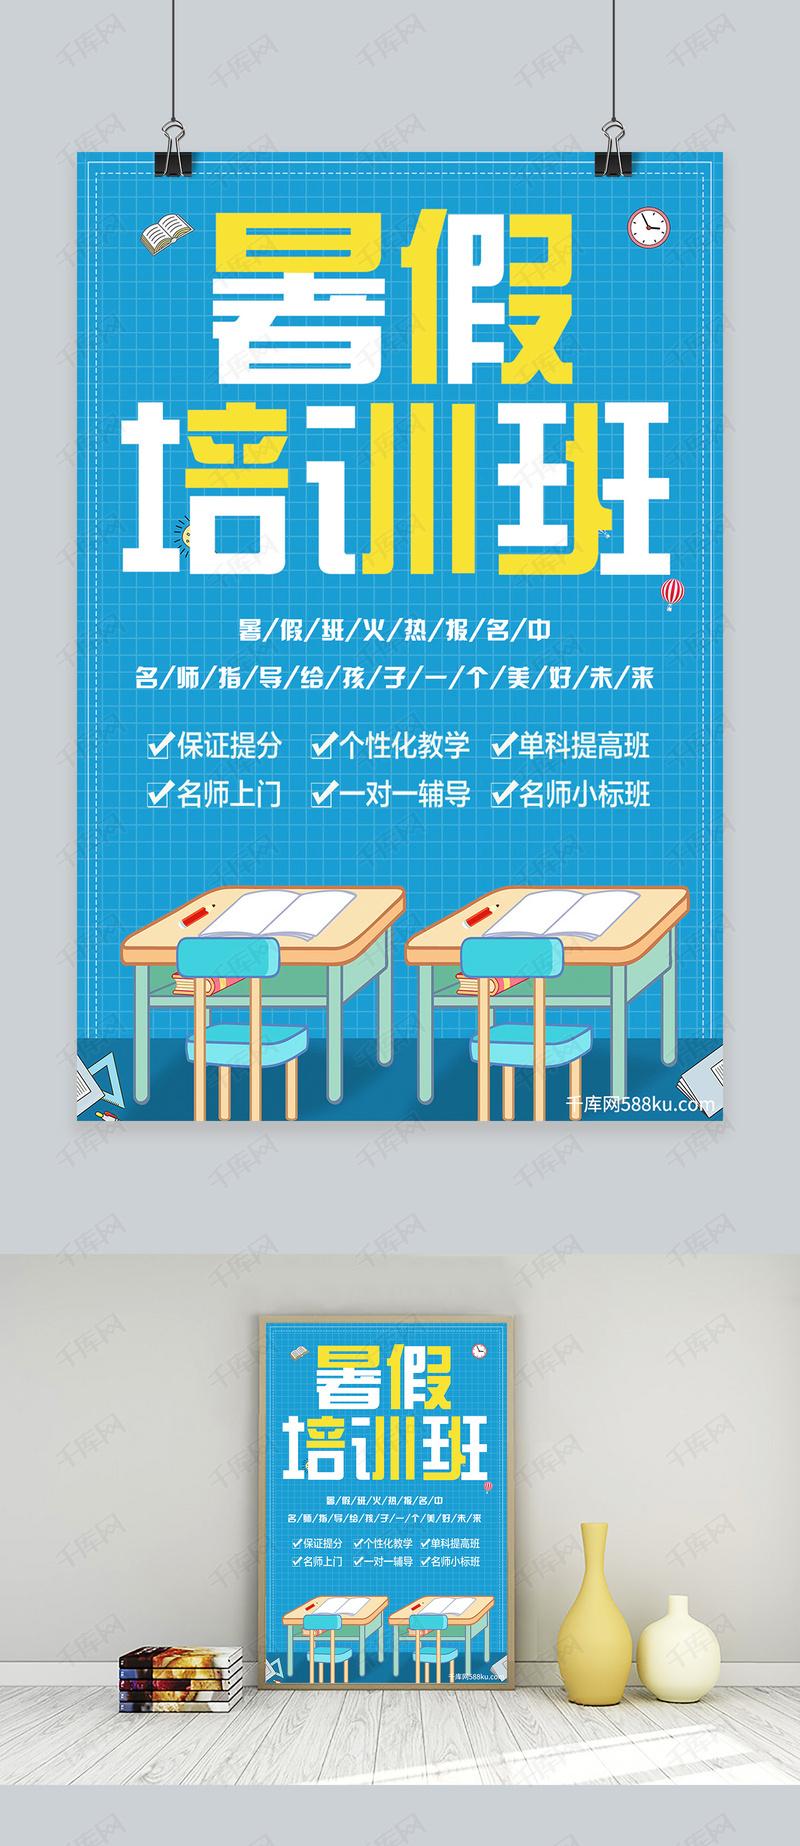 千库网原创暑假培训班招生活动